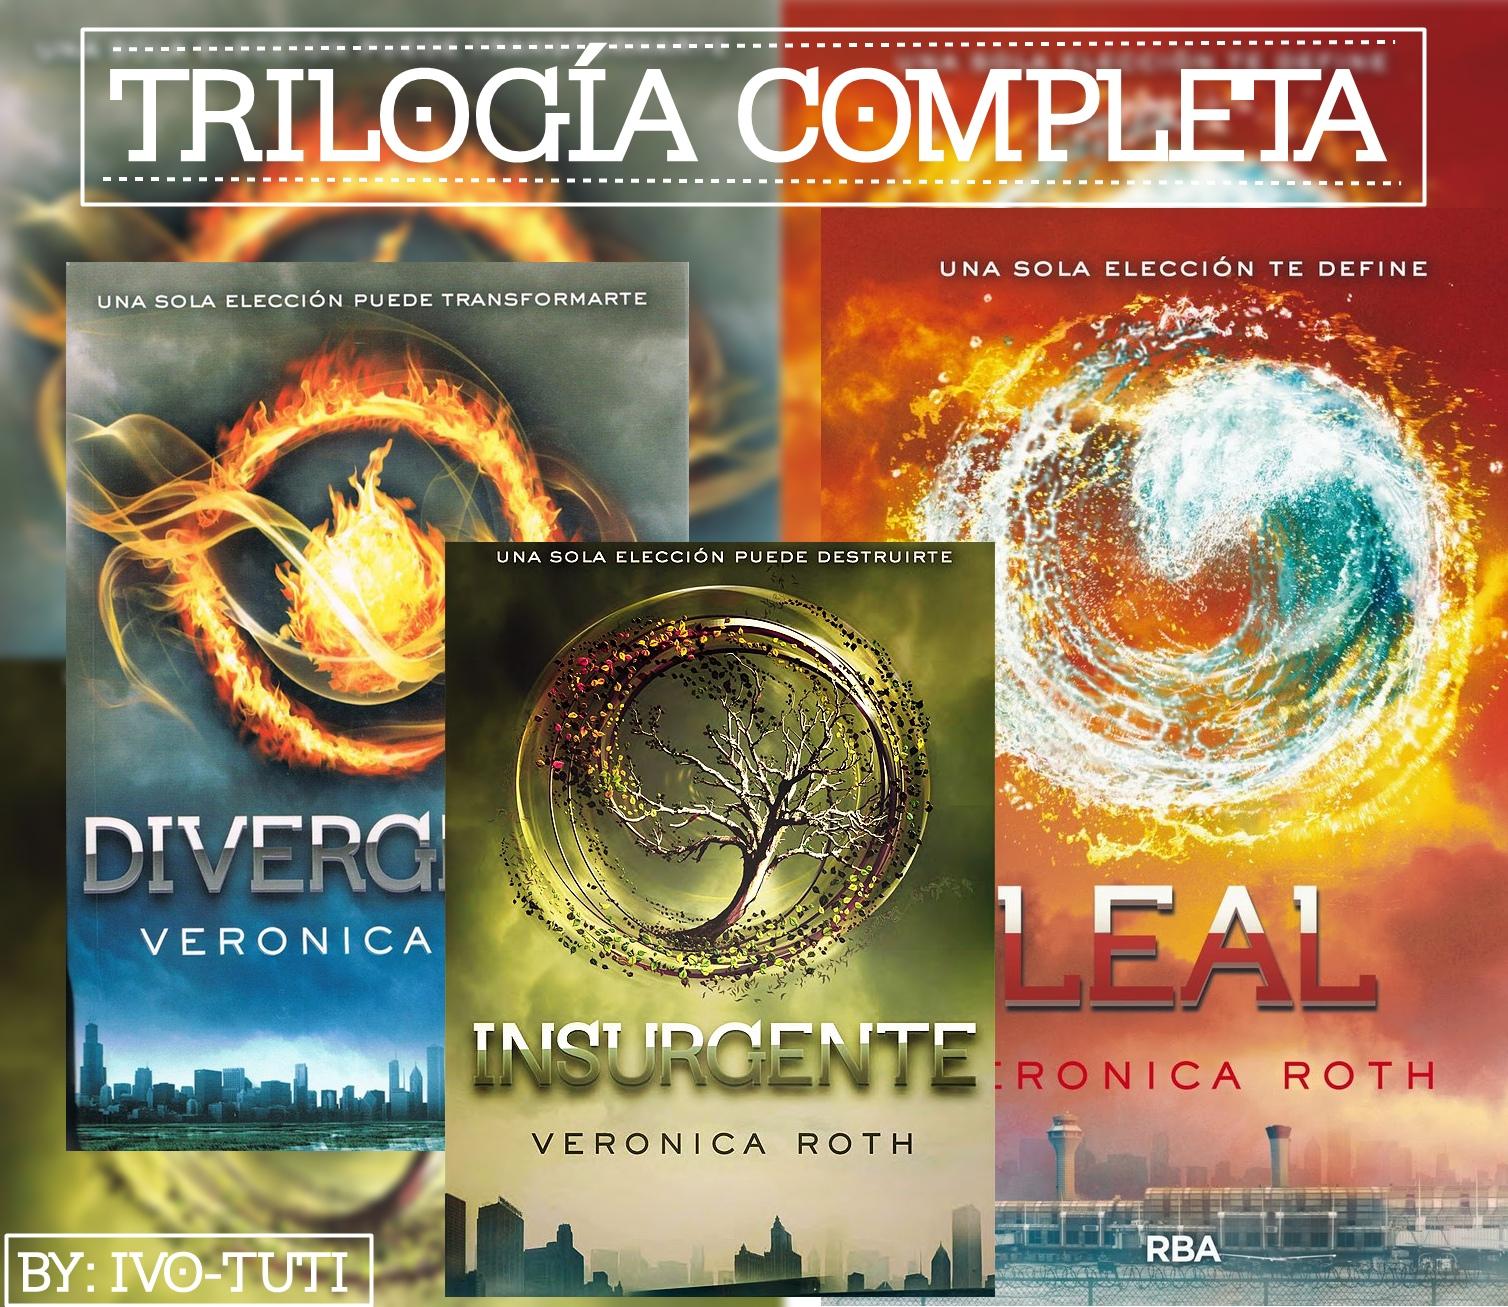 trilogia de divergente completa pdf veronica by ivo tuti